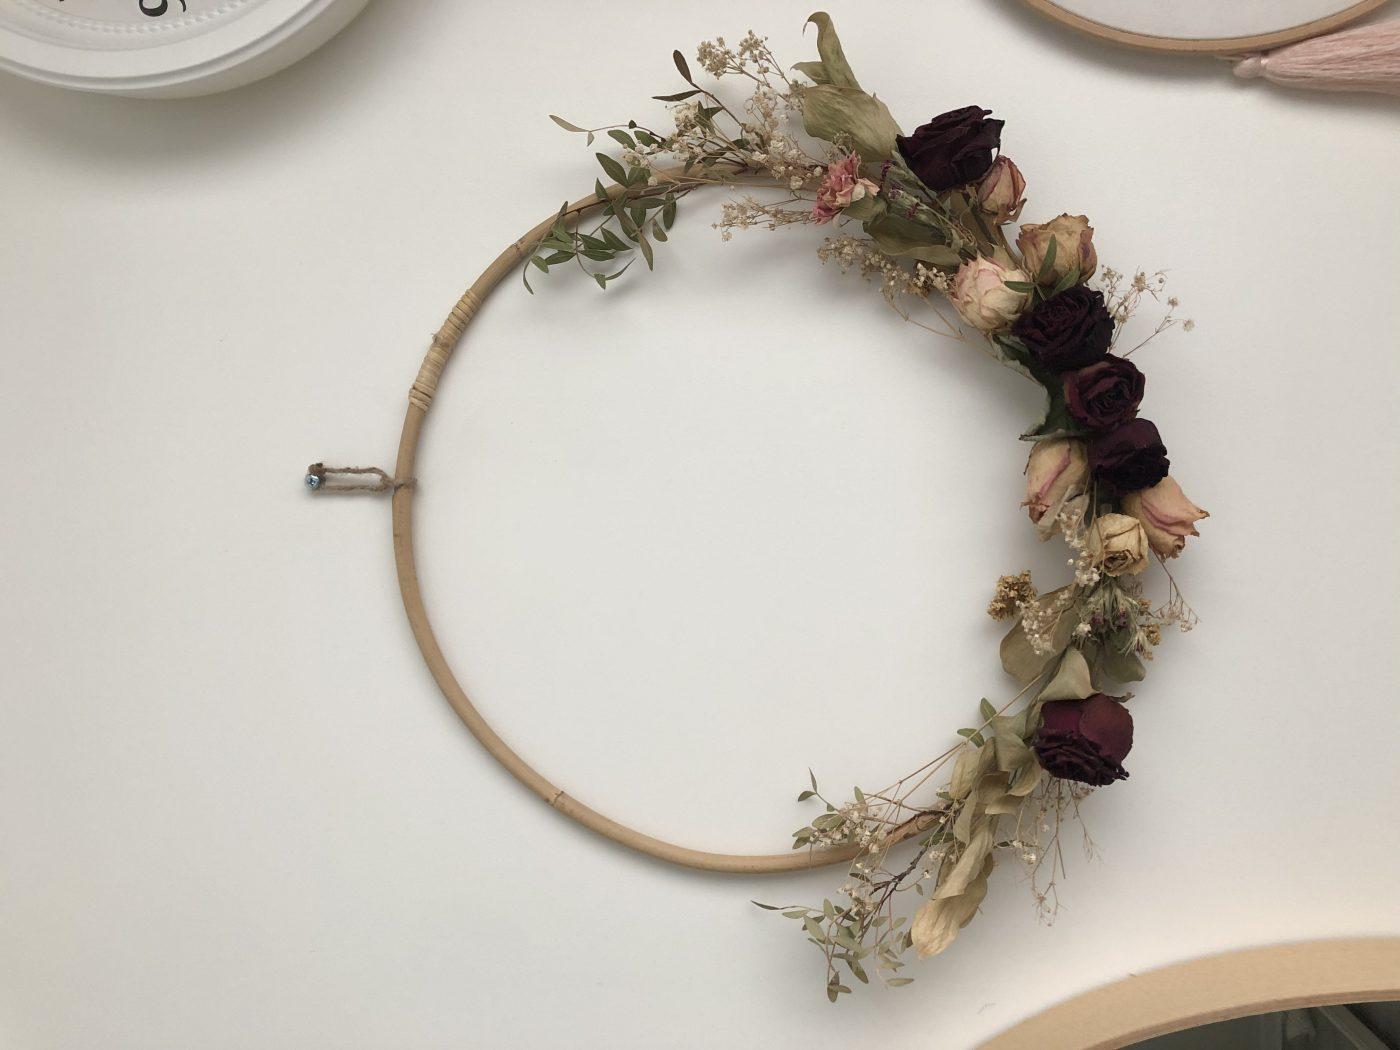 J'ai testé pour vous cercle en rotin 40cm décoré de fleurs sèchés